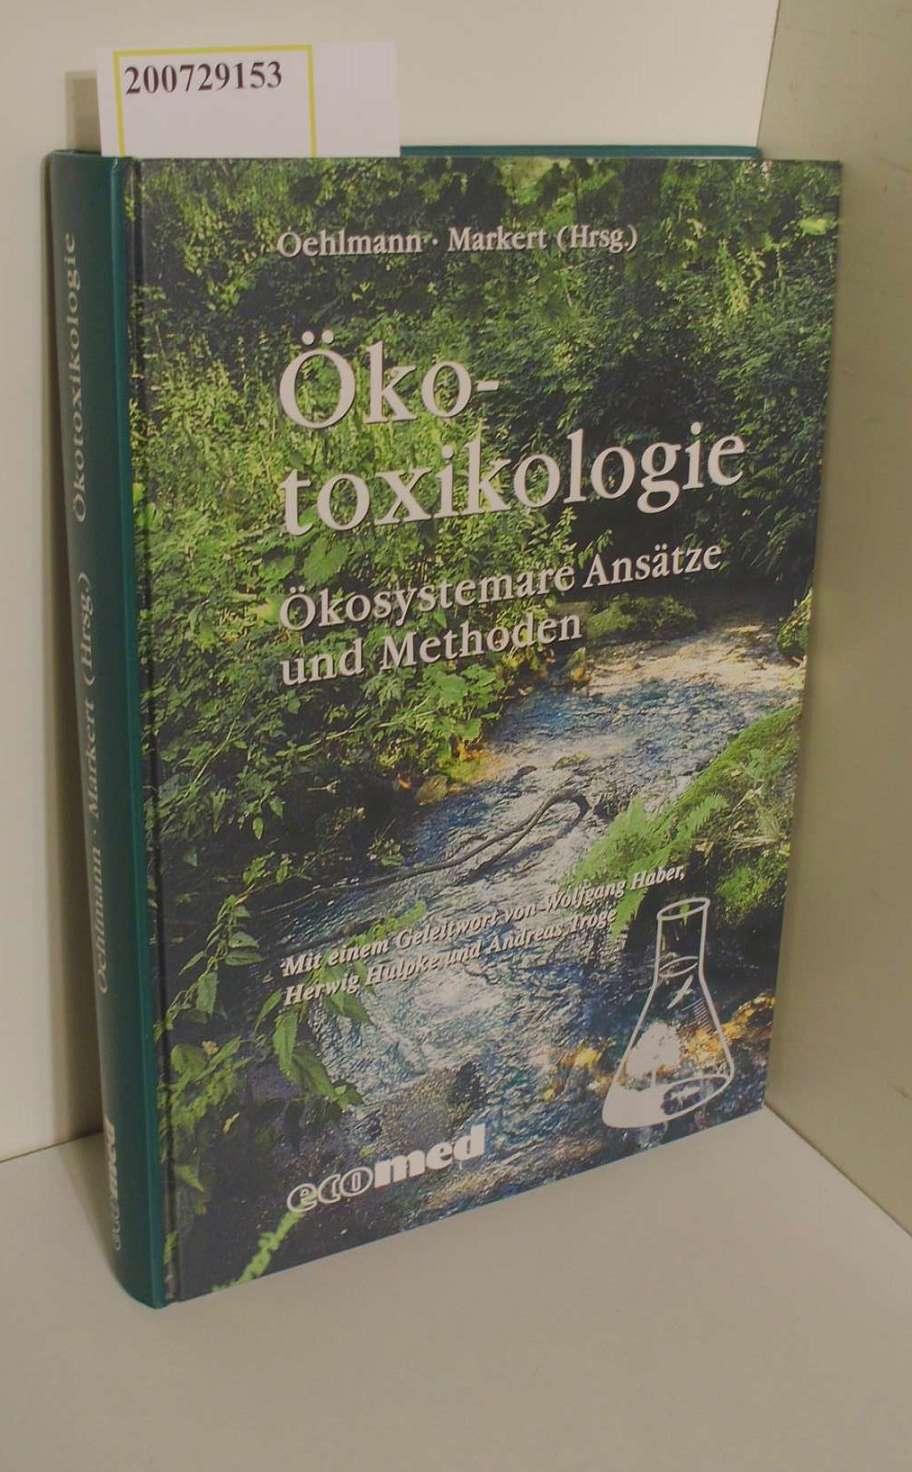 Oehlmann, Jörg und A. Markert Bernd: Ökotoxikologie : ökosystemare Ansätze und Methoden / Oehlmann ; Markert (Hrsg.). Mit einem Geleitw. von Wolfgang Haber ...